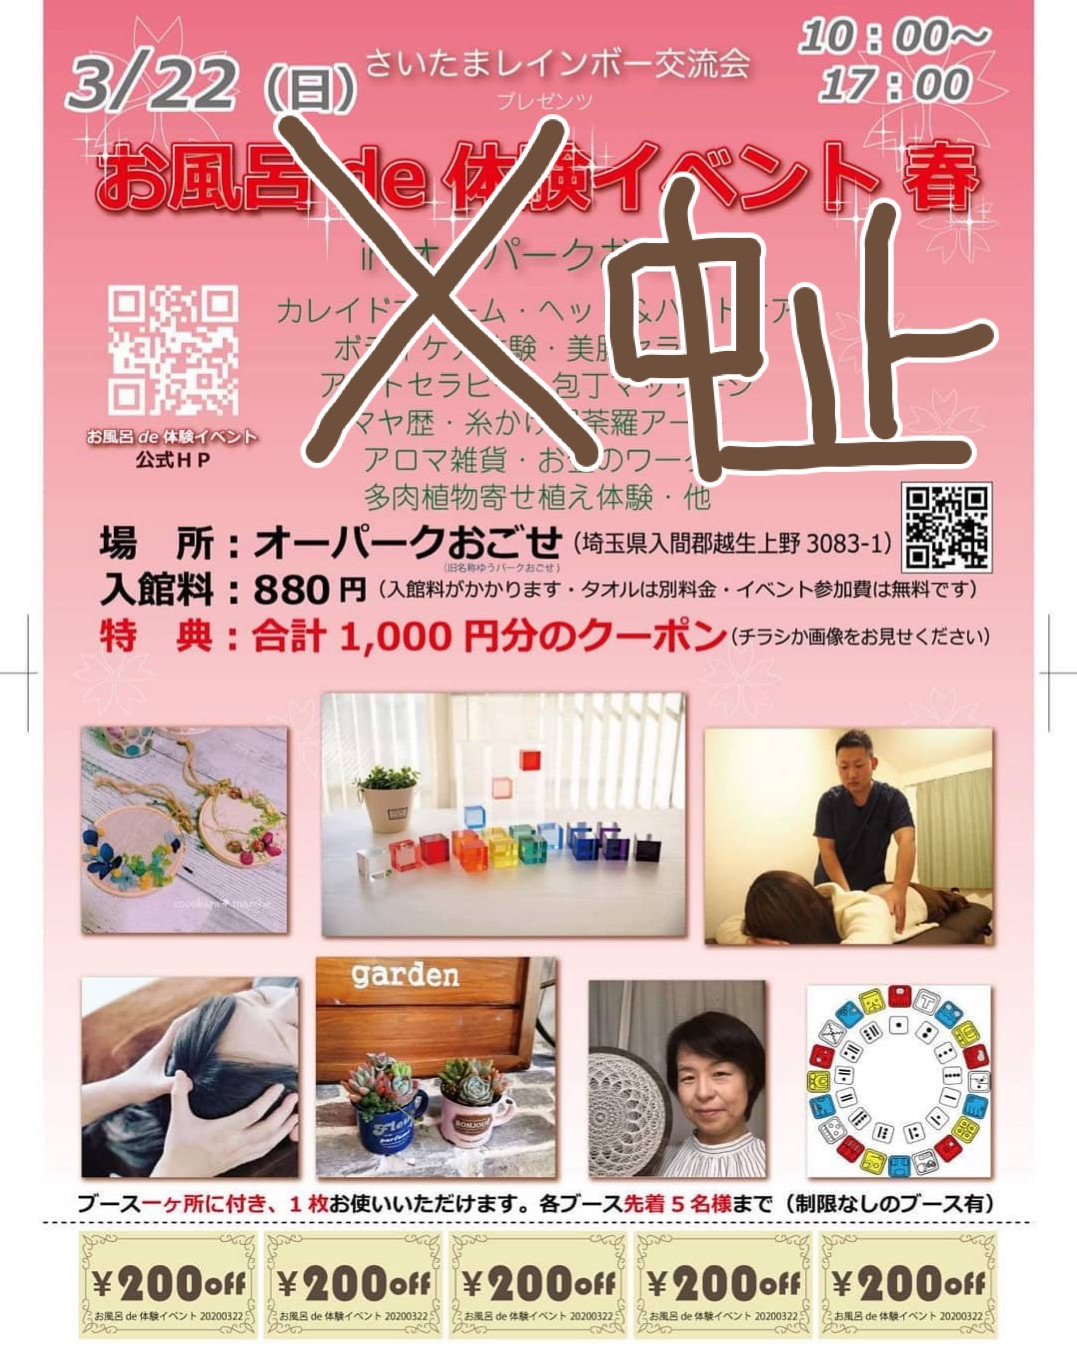 【中止】お知らせ 3/22お風呂de体験イベントの記事より